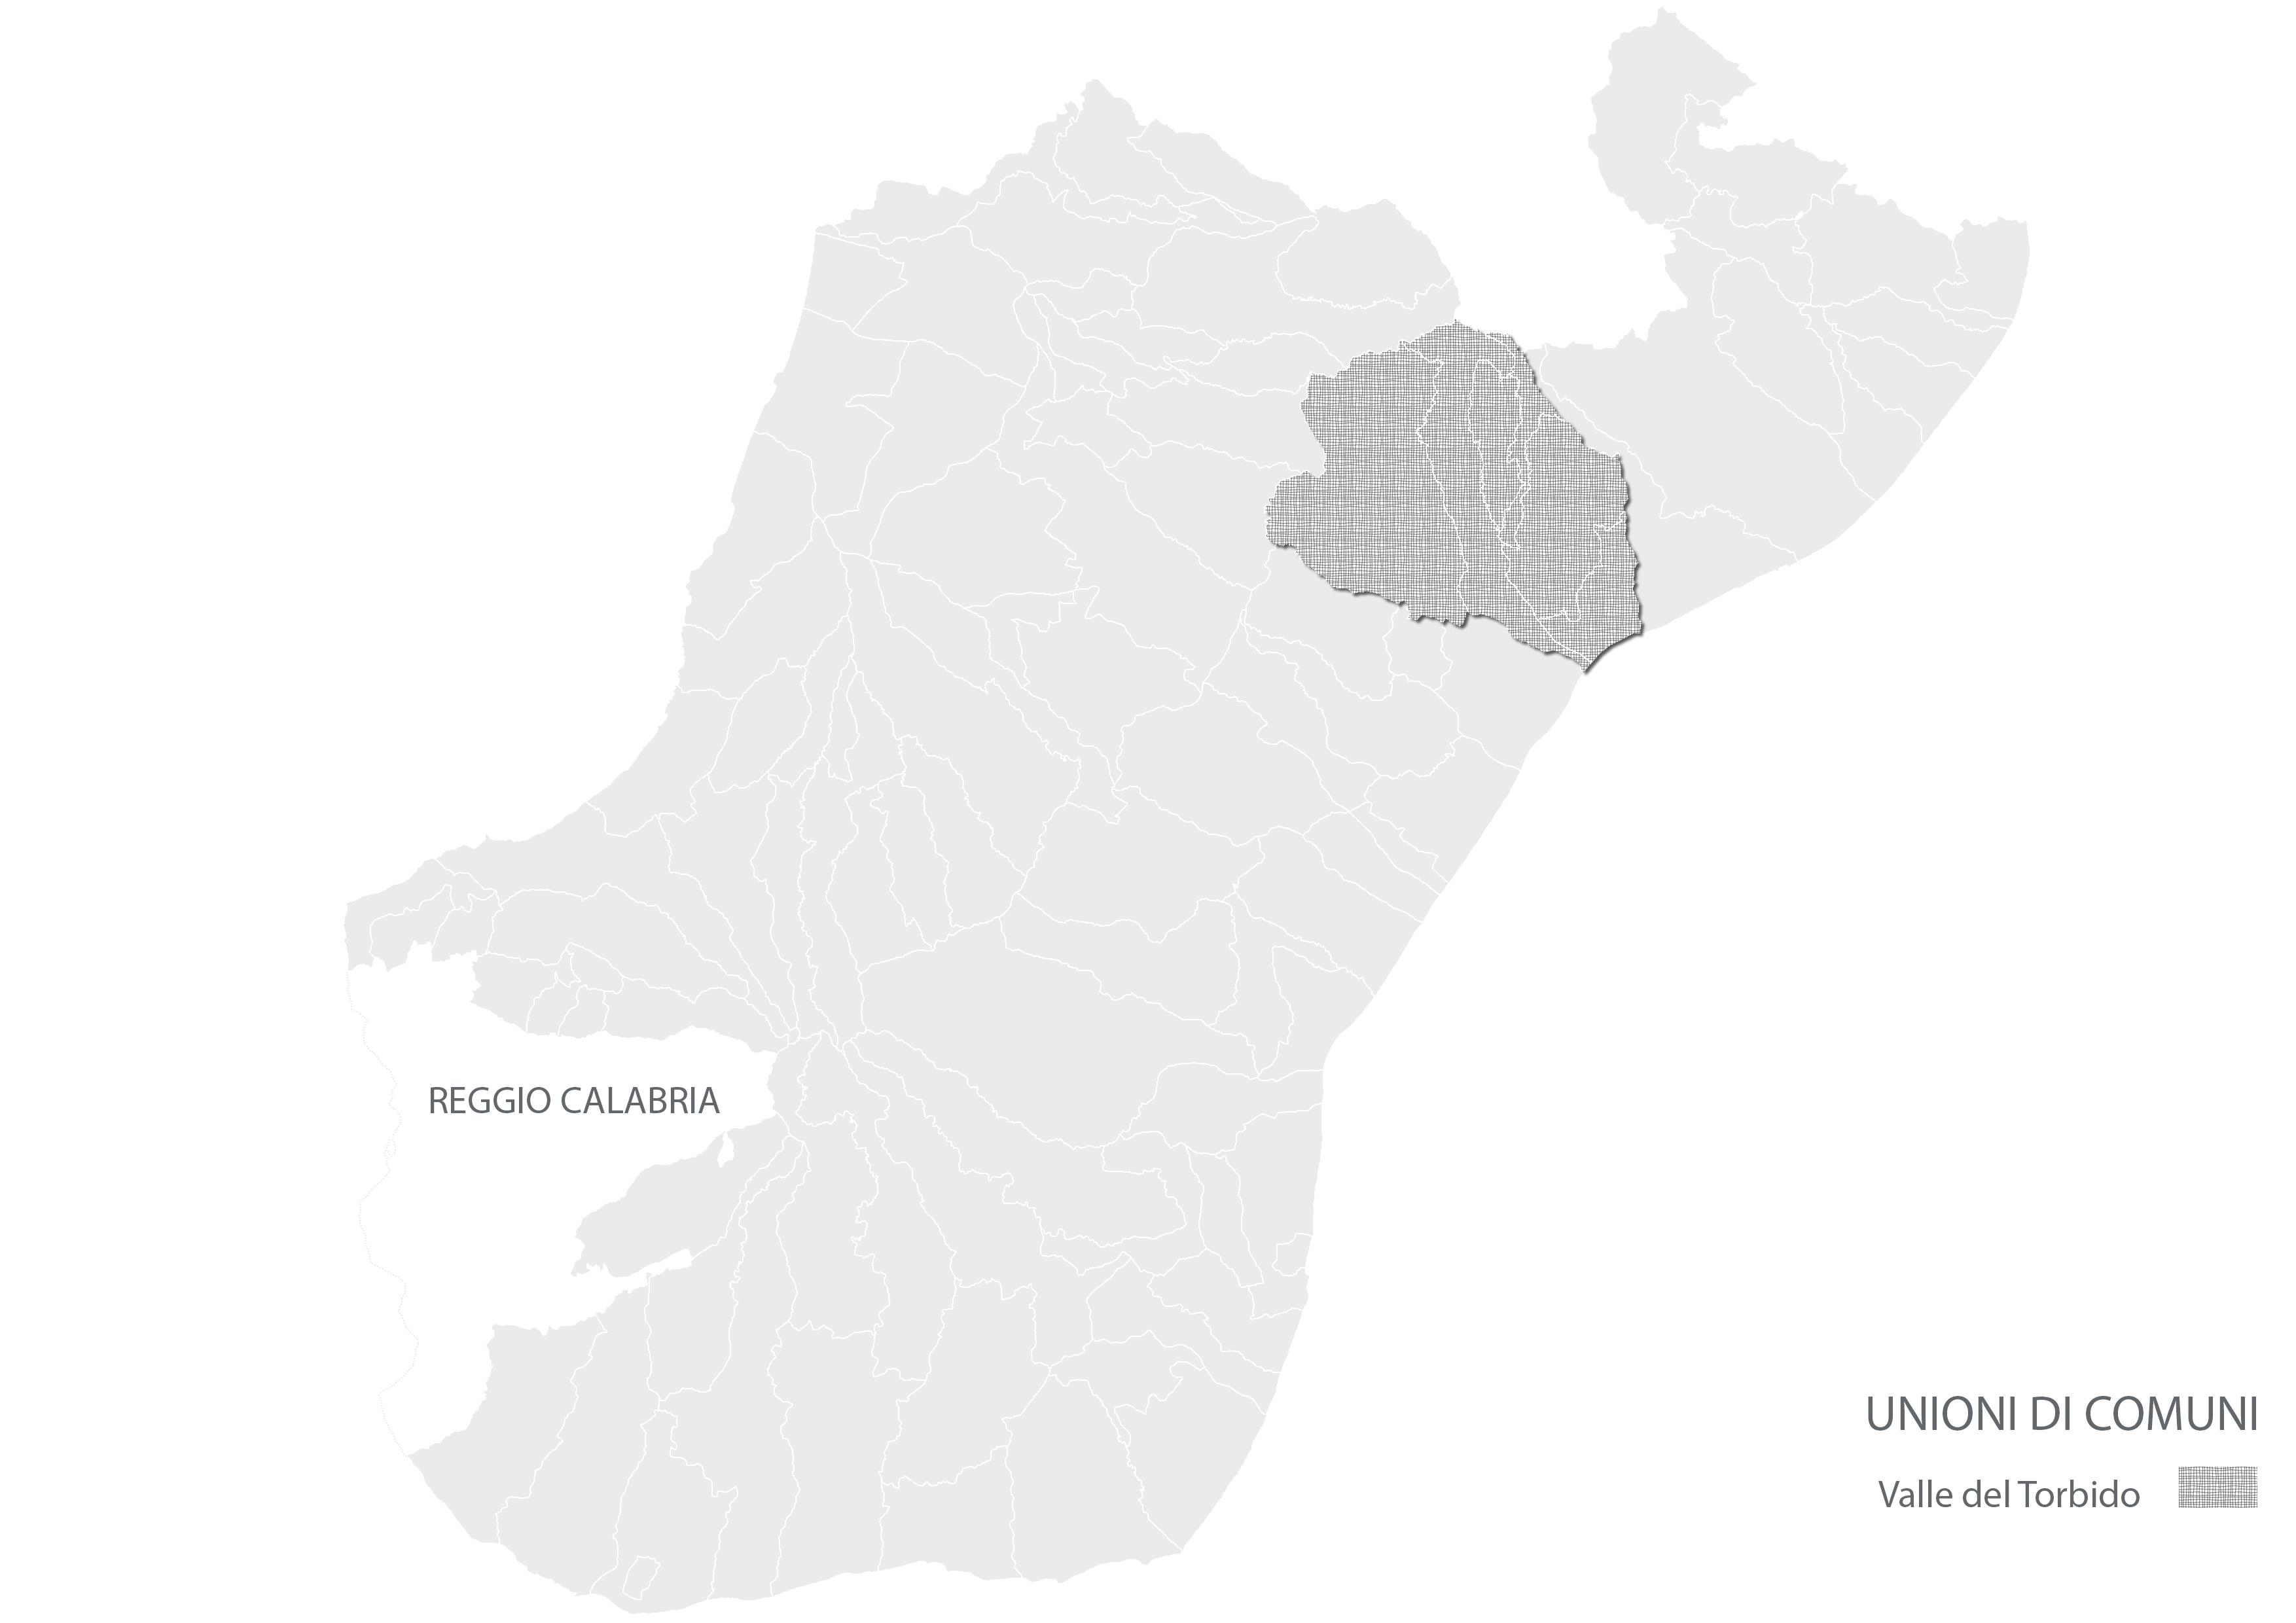 Città Metropolitana di Reggio Calabria- Unioni di Comuni